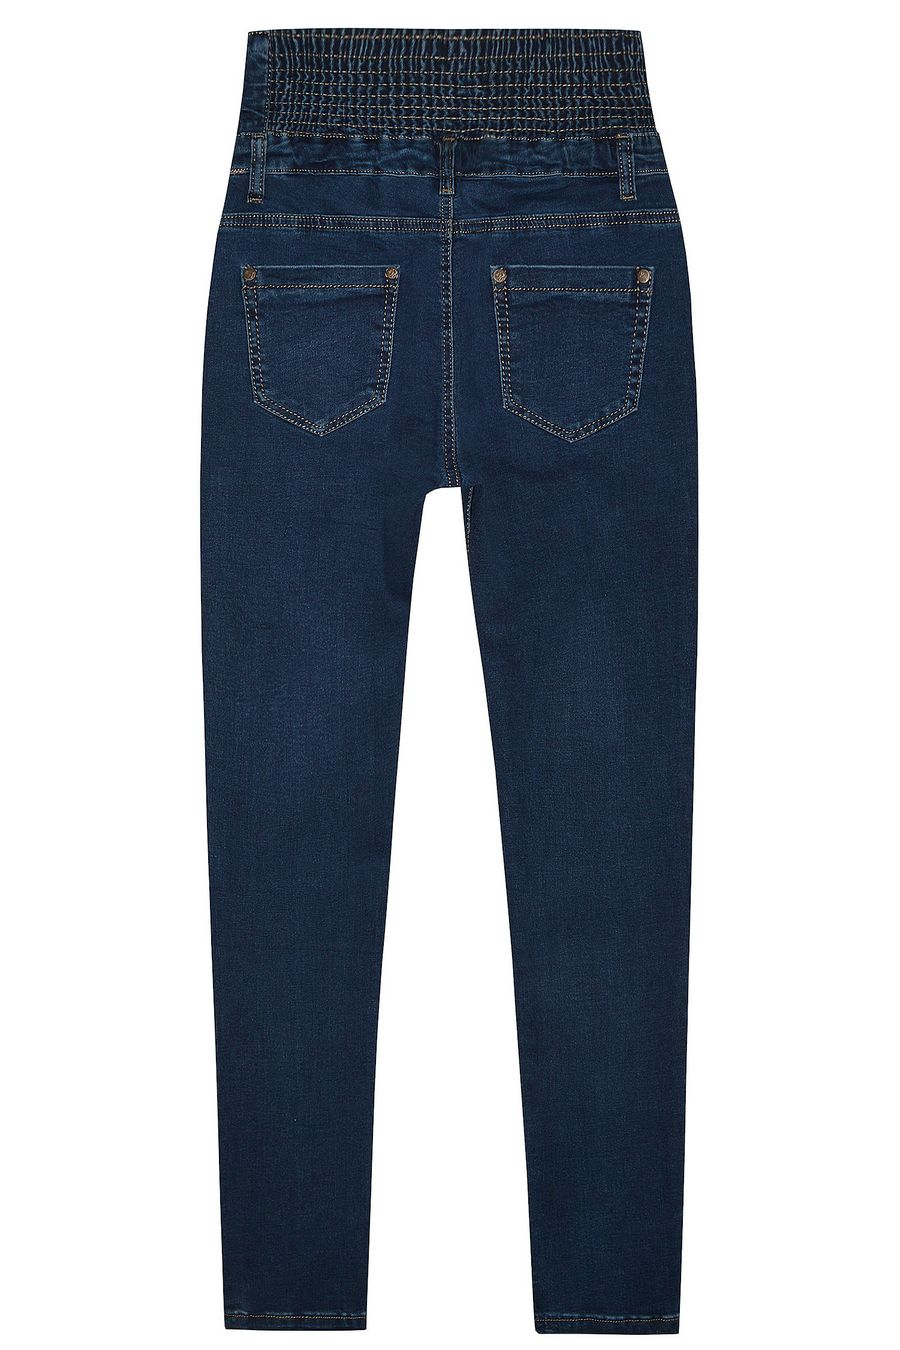 Джинсы женские K.Y Jeans L489 - фото 2